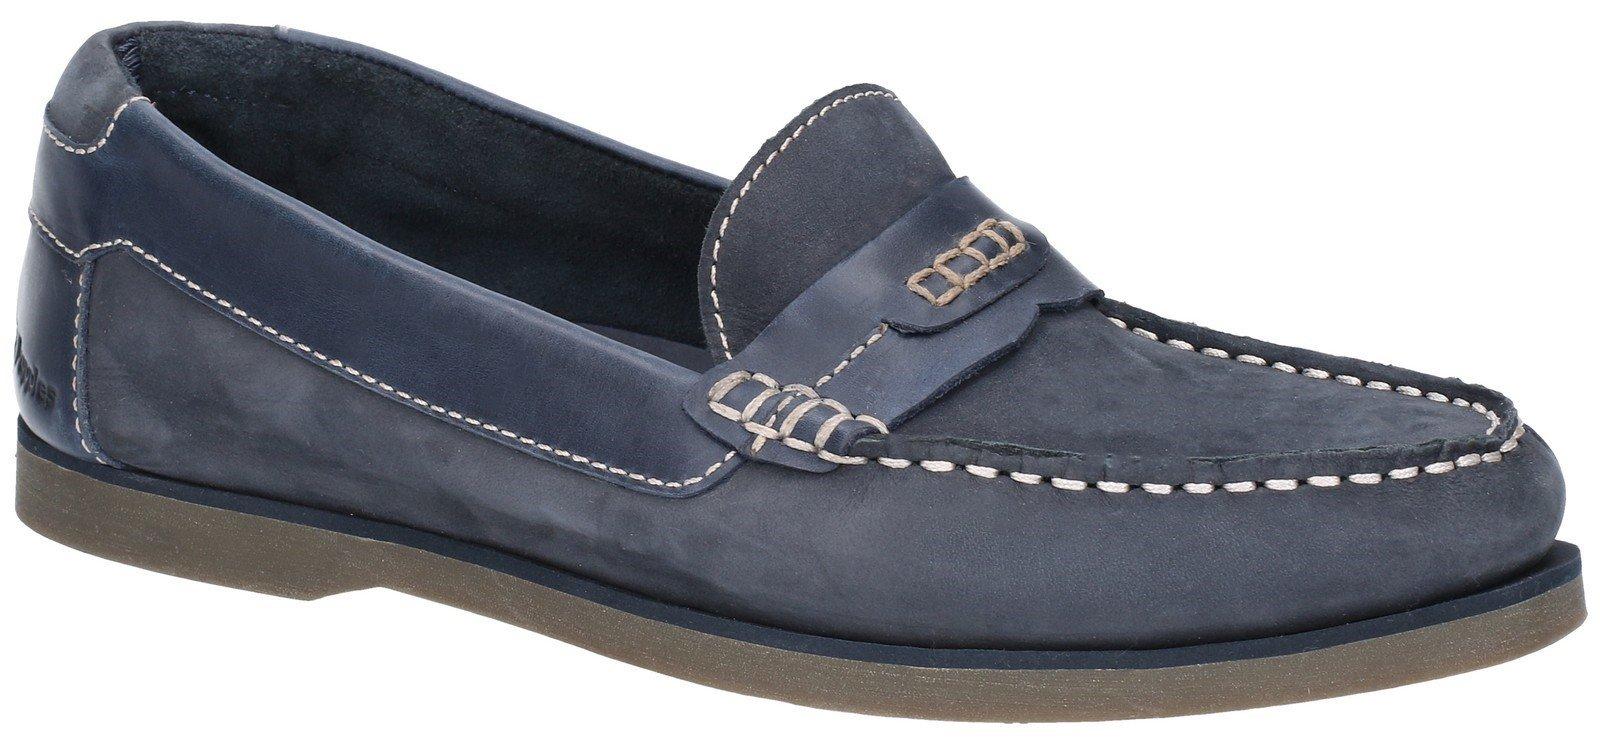 Hush Puppies Men's Finn Slip On Shoe Various Colours 28357 - Navy 6